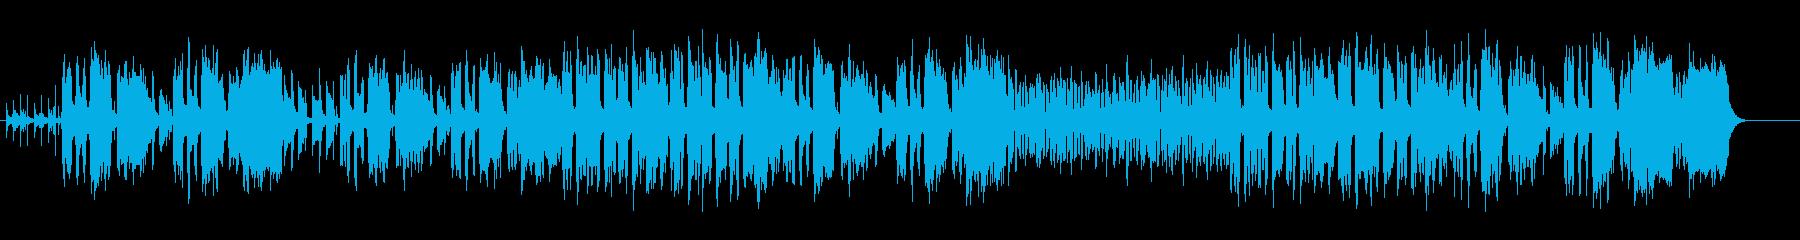 コミカルタッチのエンタテイメントサウンドの再生済みの波形